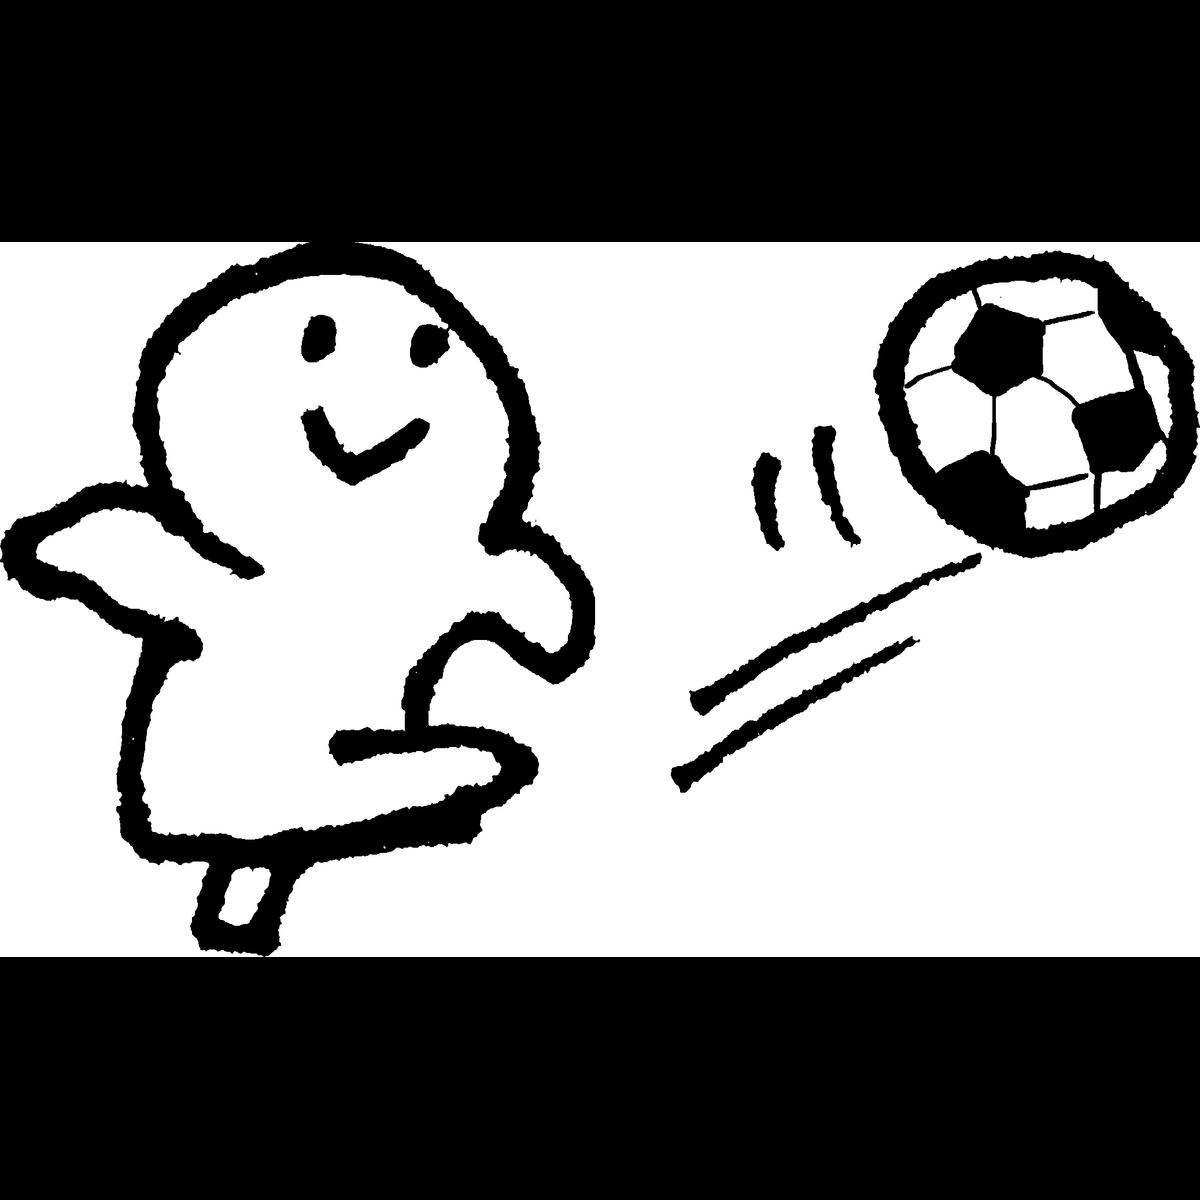 サッカーのイラスト Football